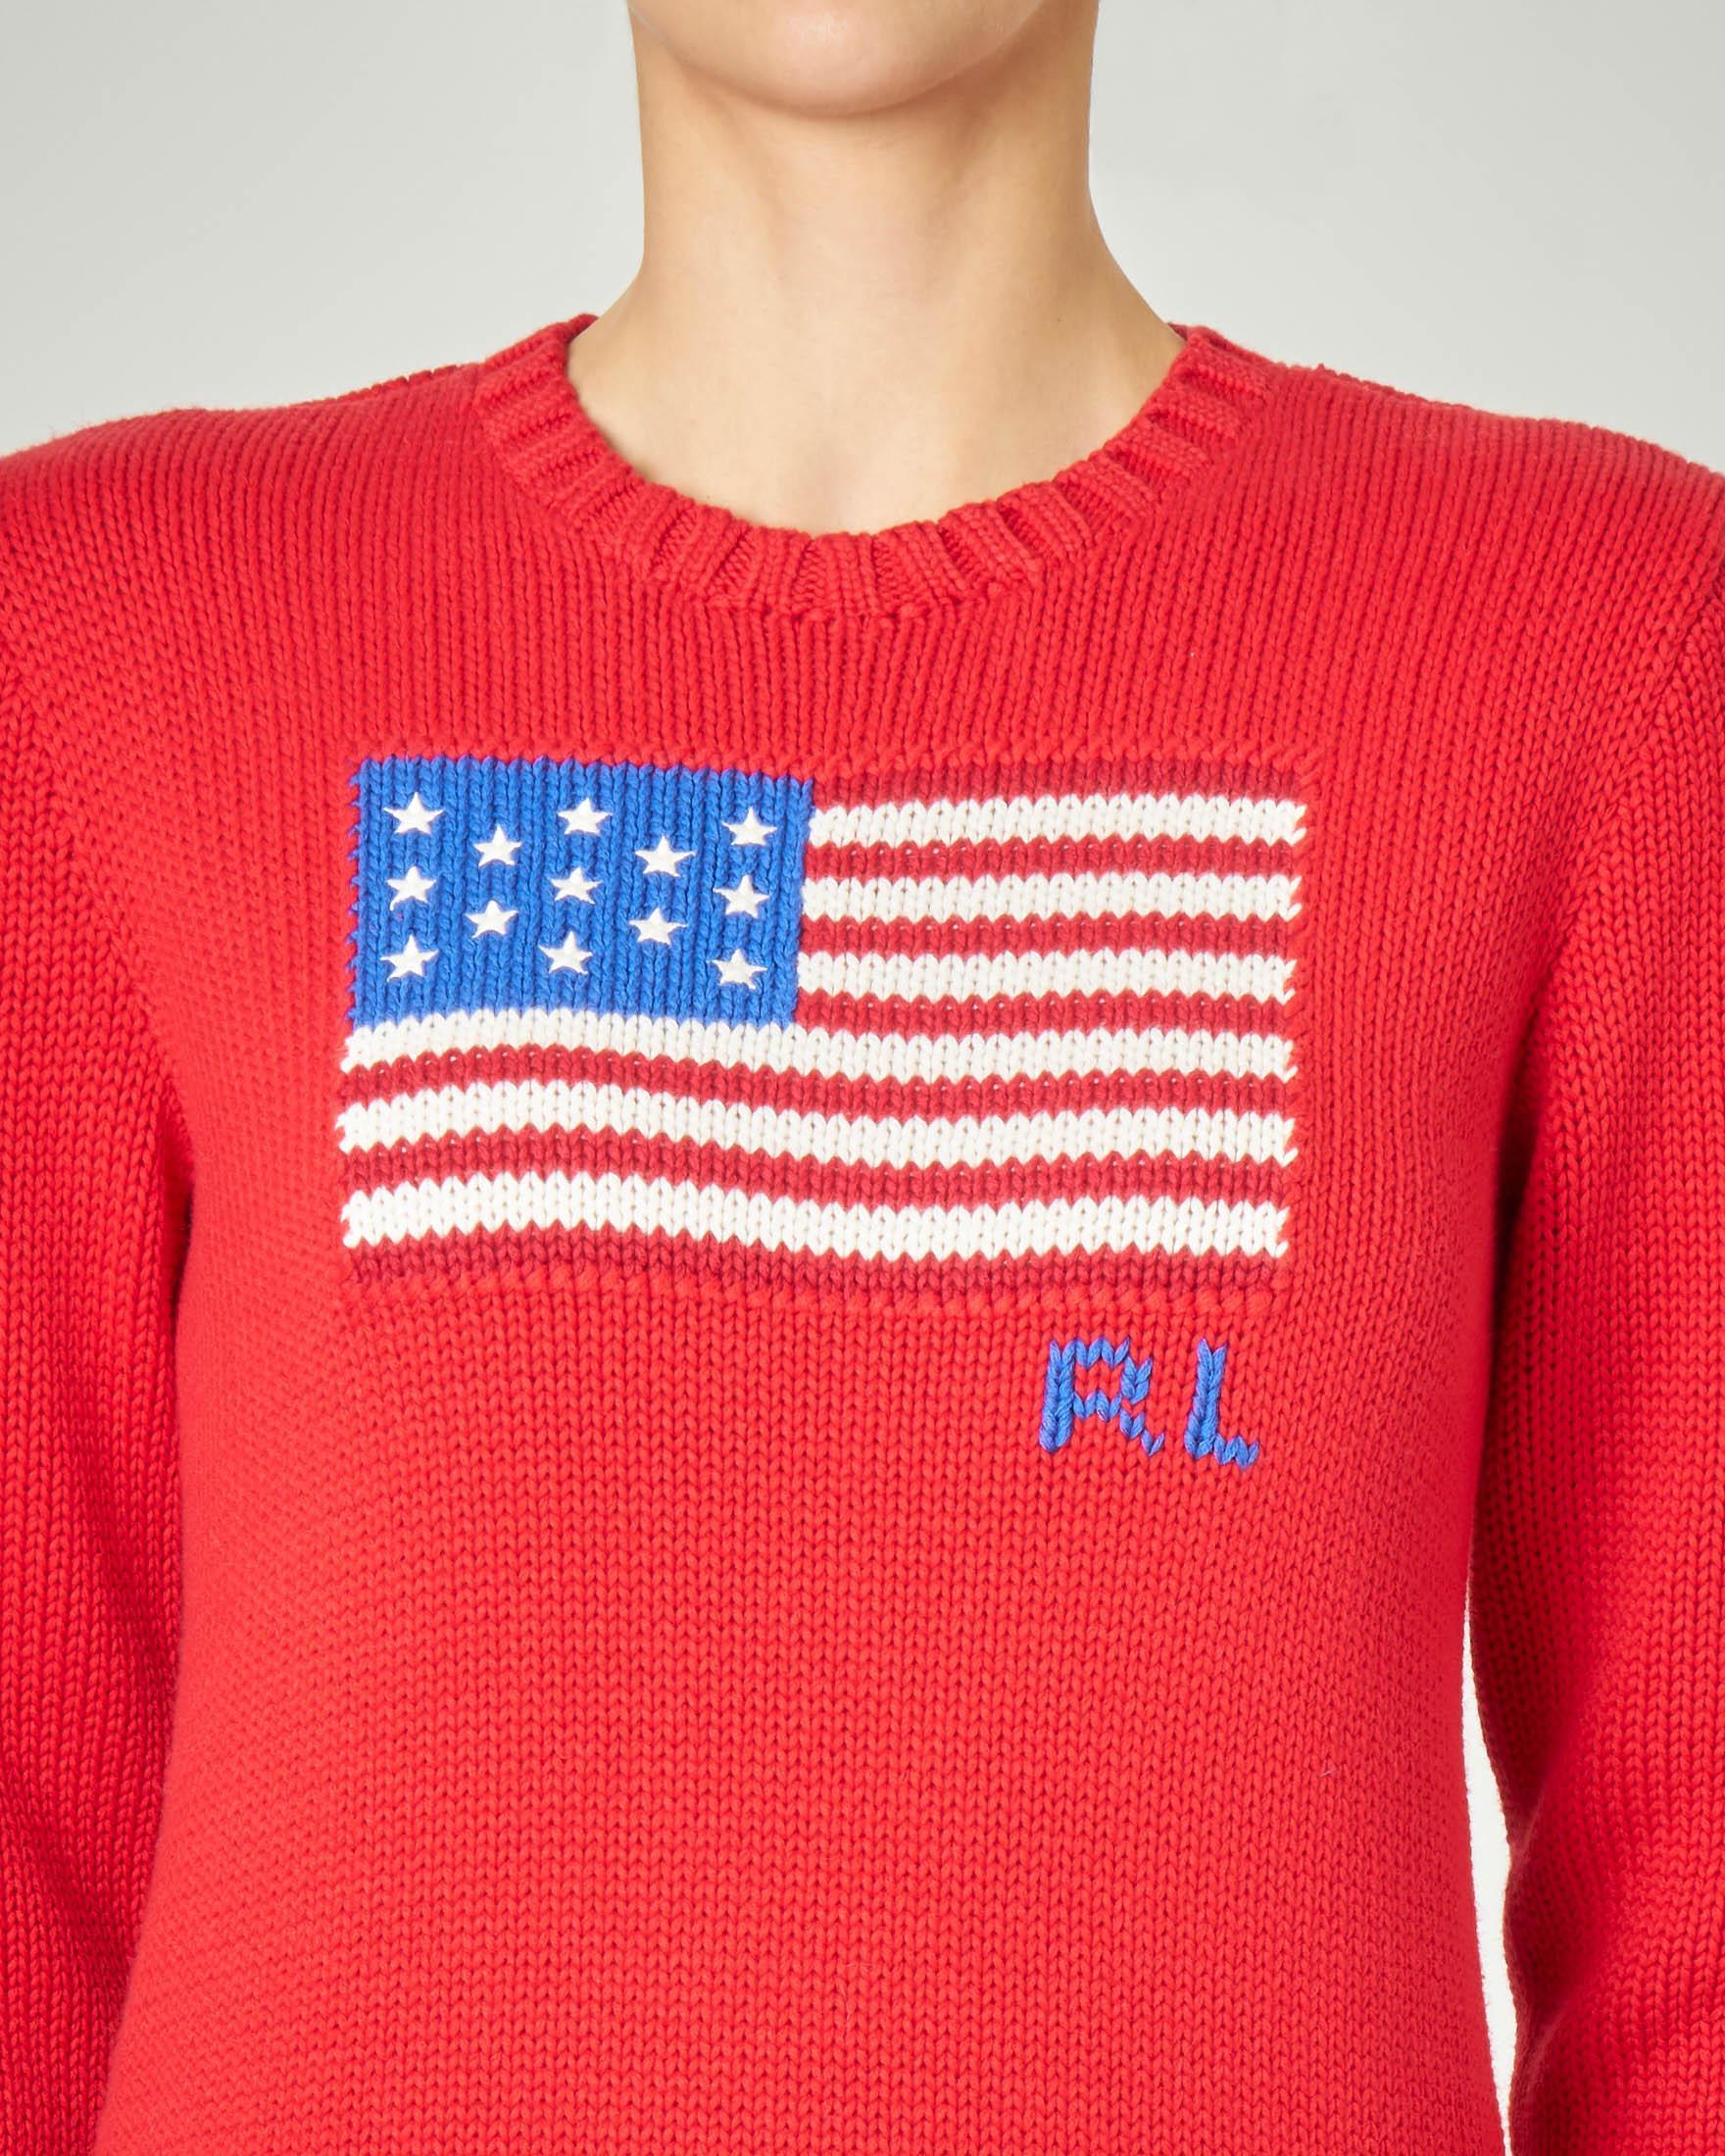 Maglione rosso in cotone misto lino con orso ricamato